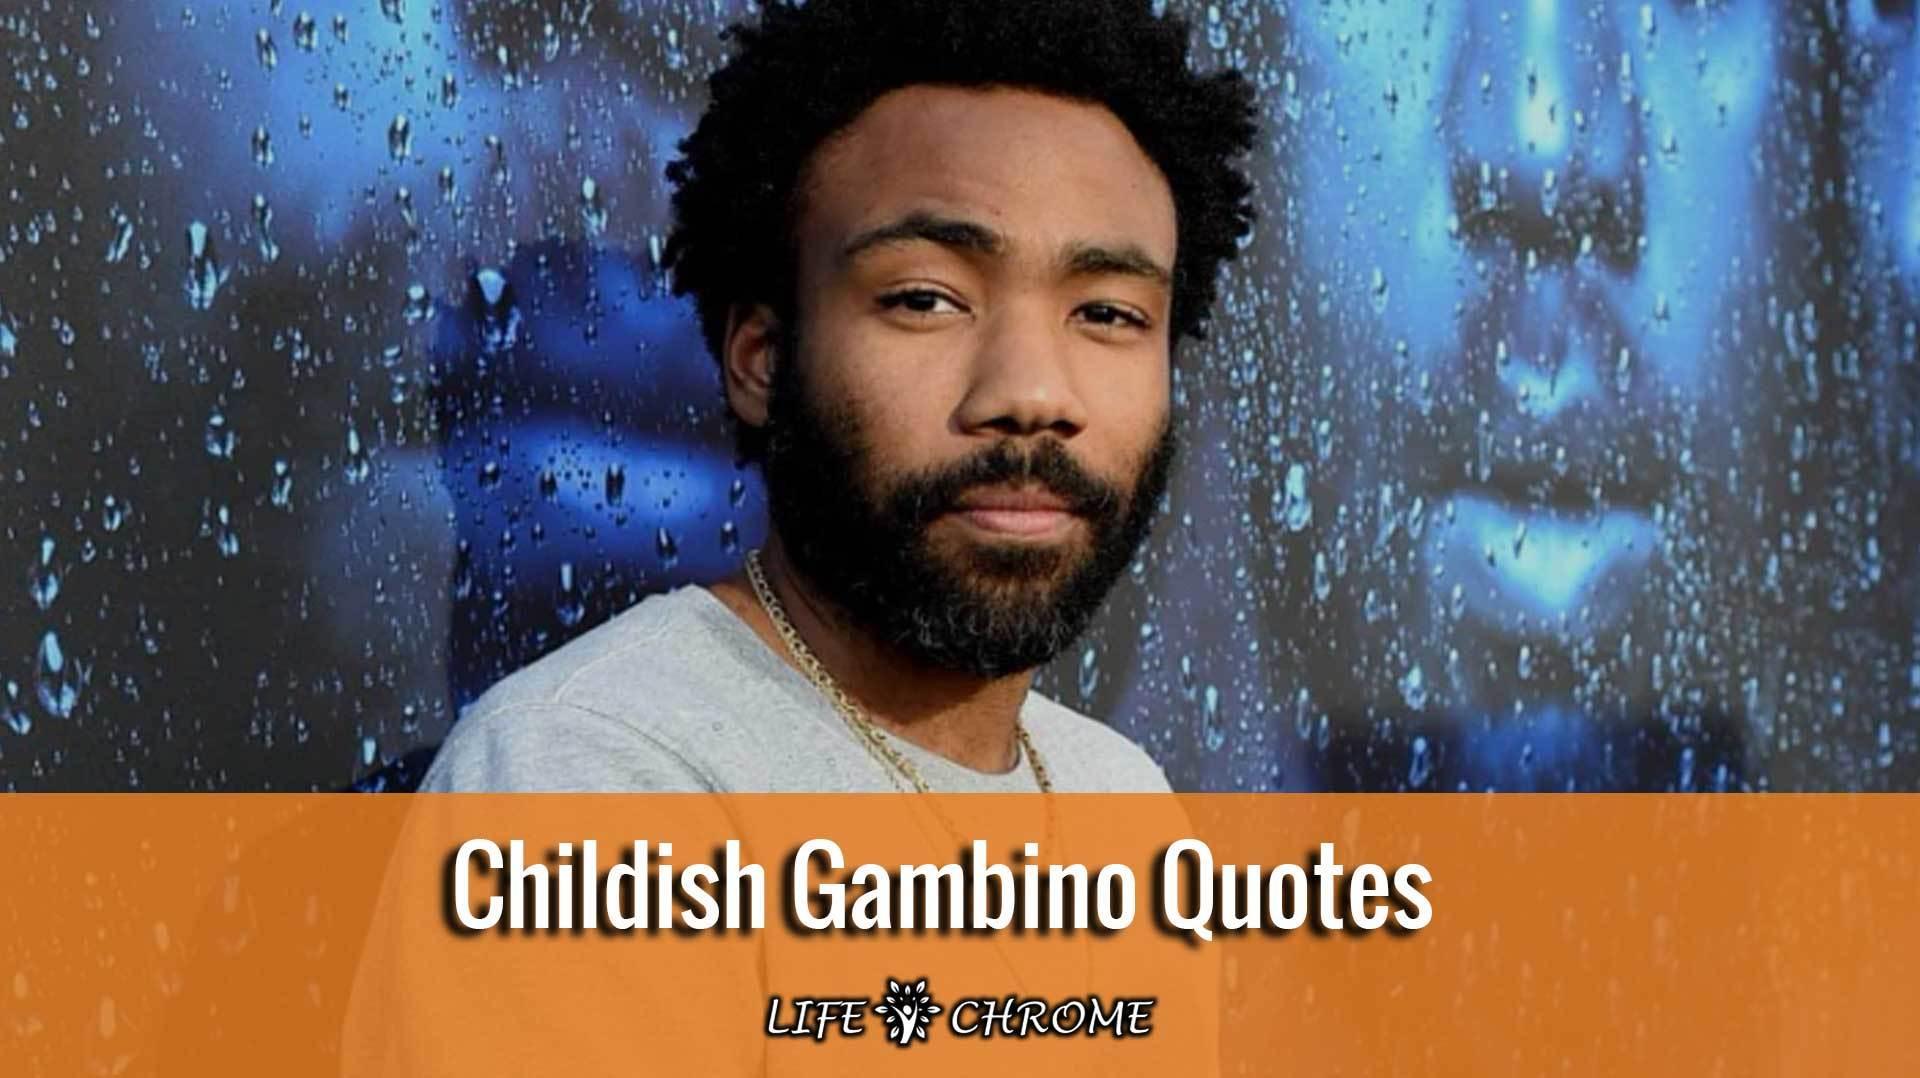 Childish Gambino Quotes